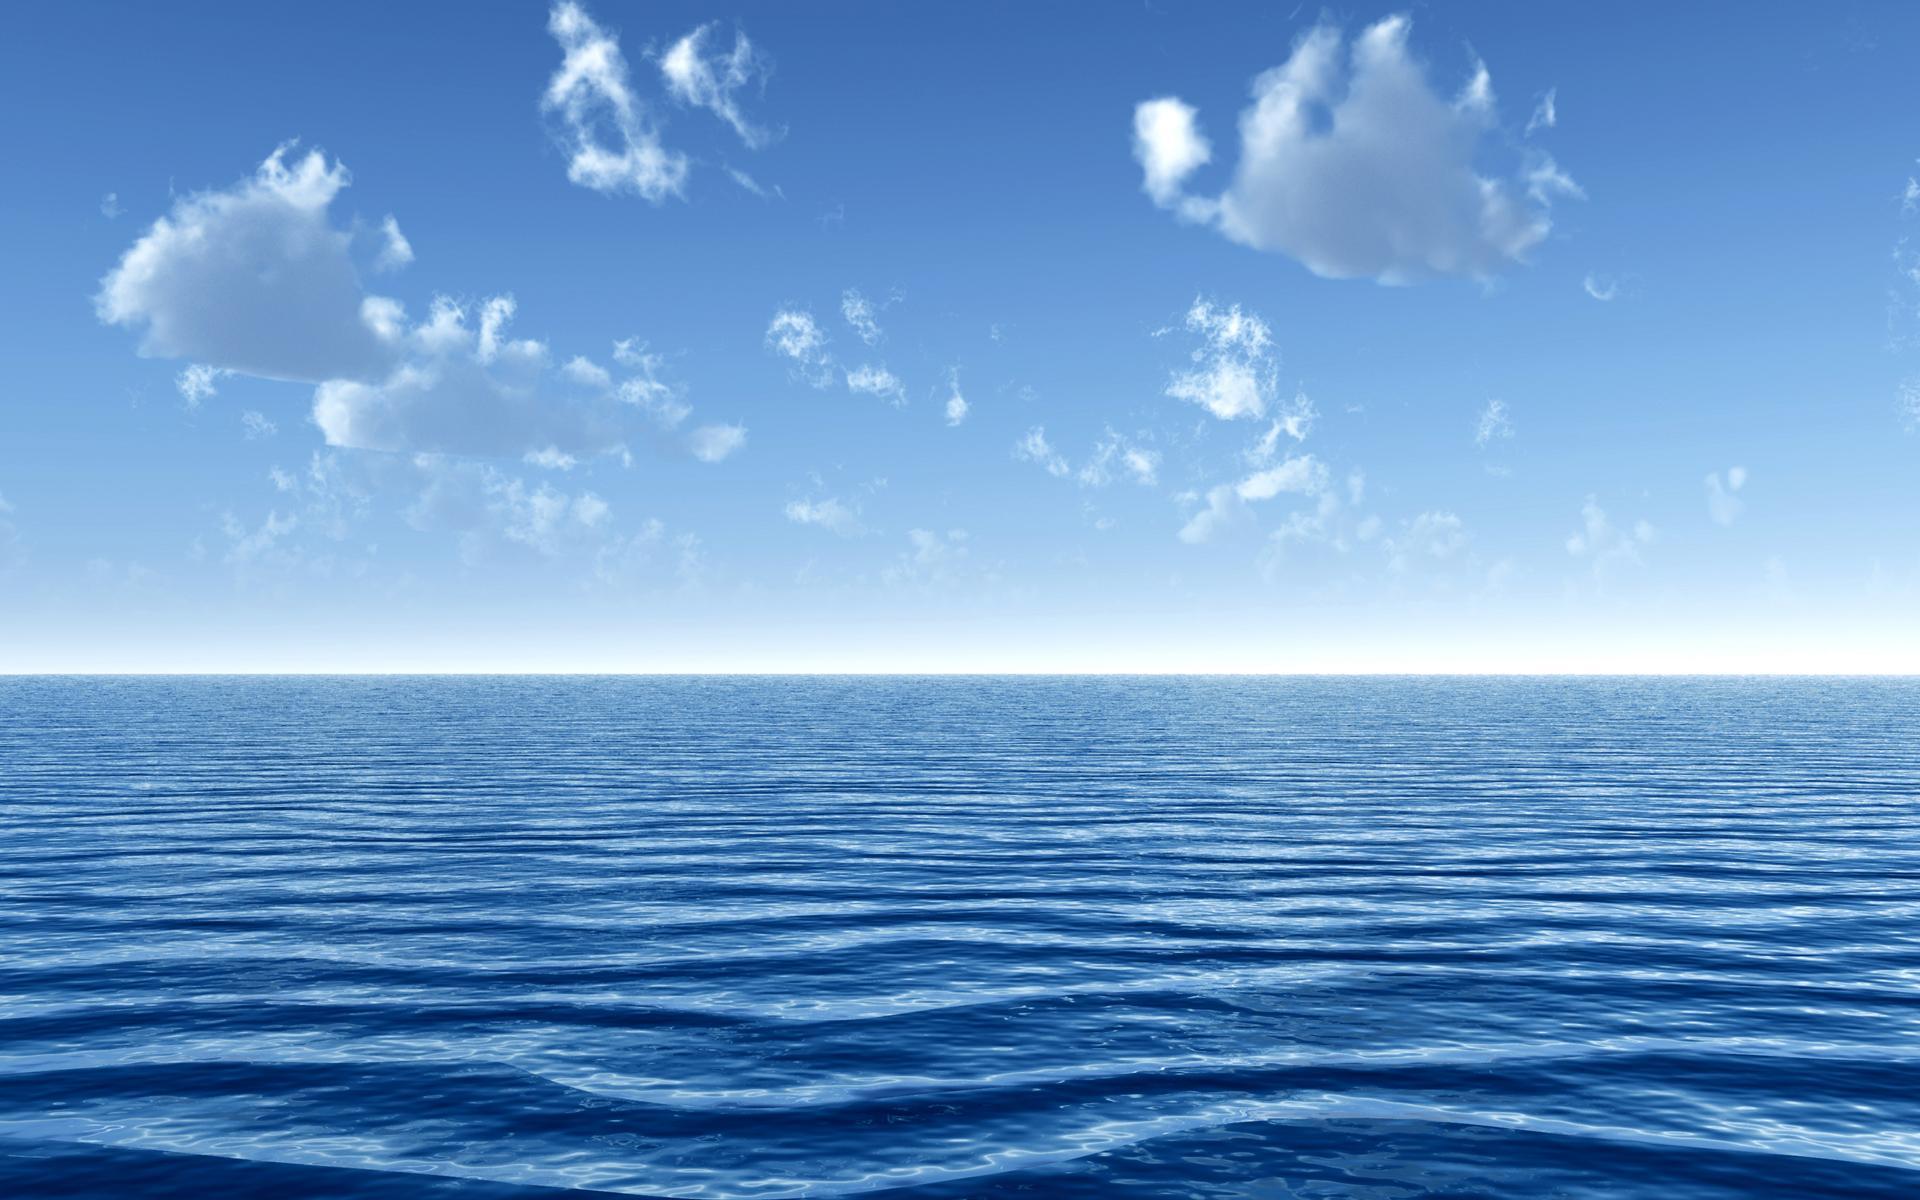 download deep ocean wallpaper which is under the ocean wallpapers 1920x1200